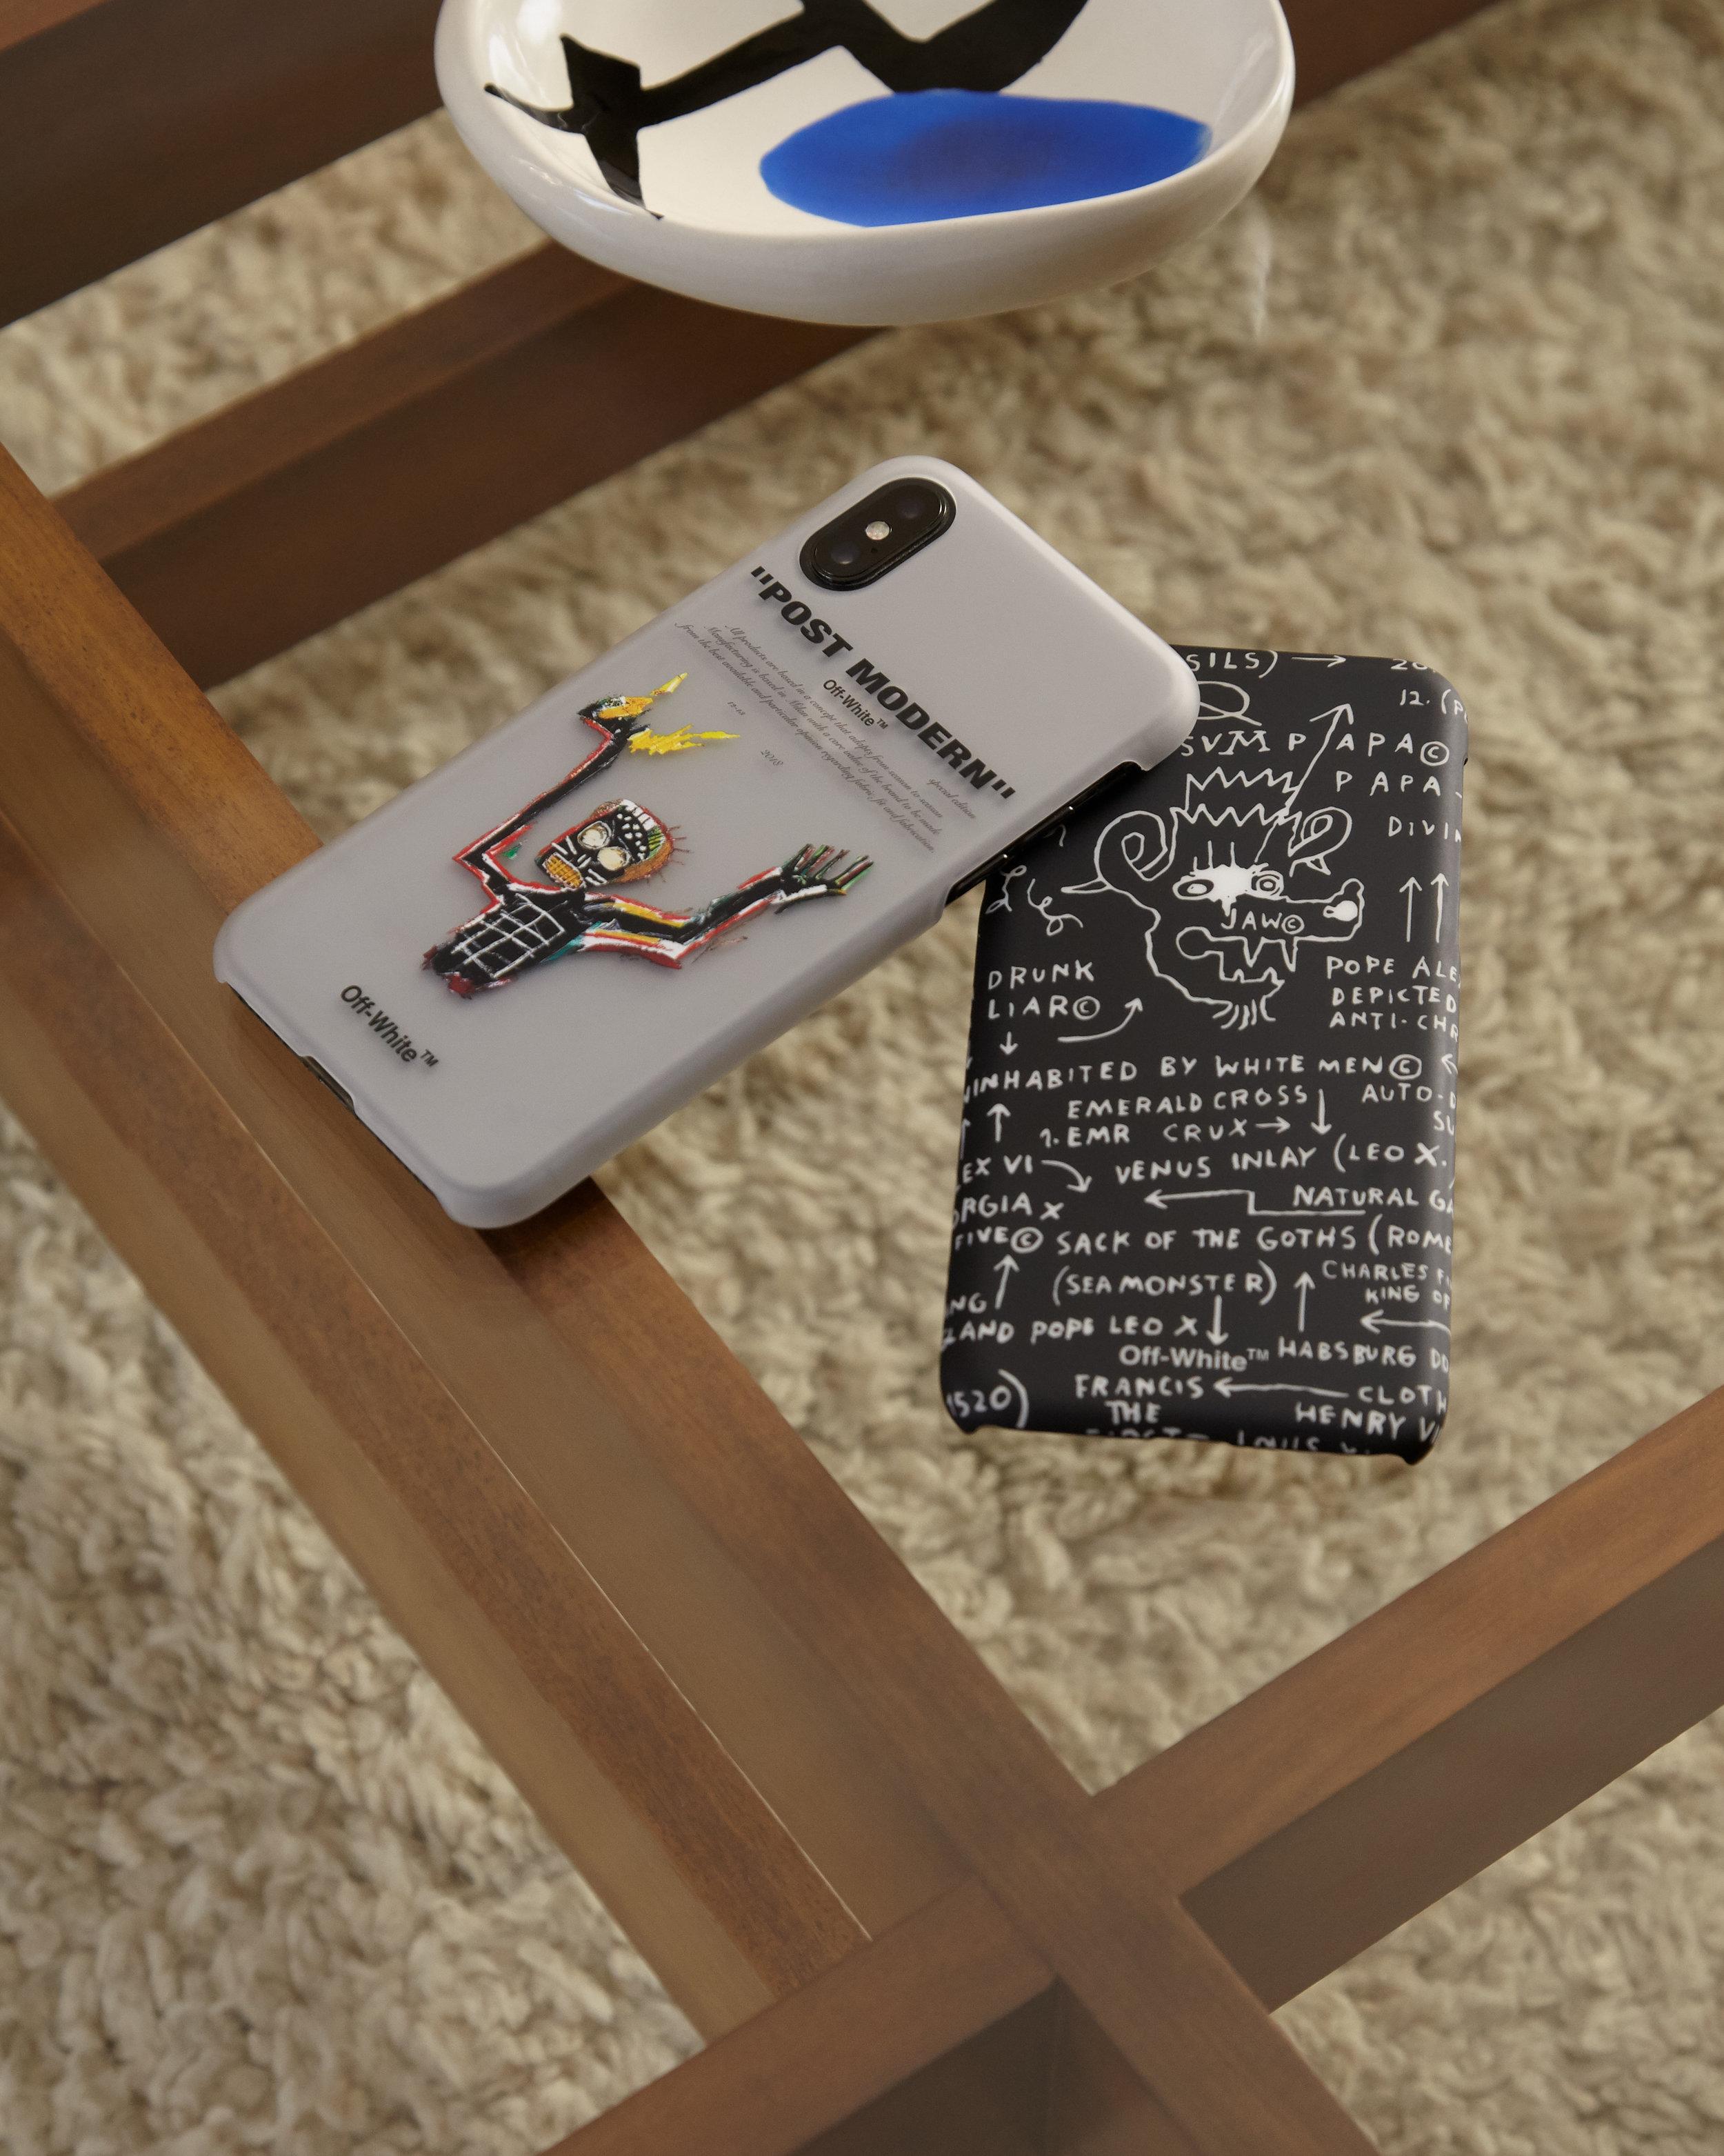 La sorpresiva colección de Off-White + Jean-Michel Basquiat